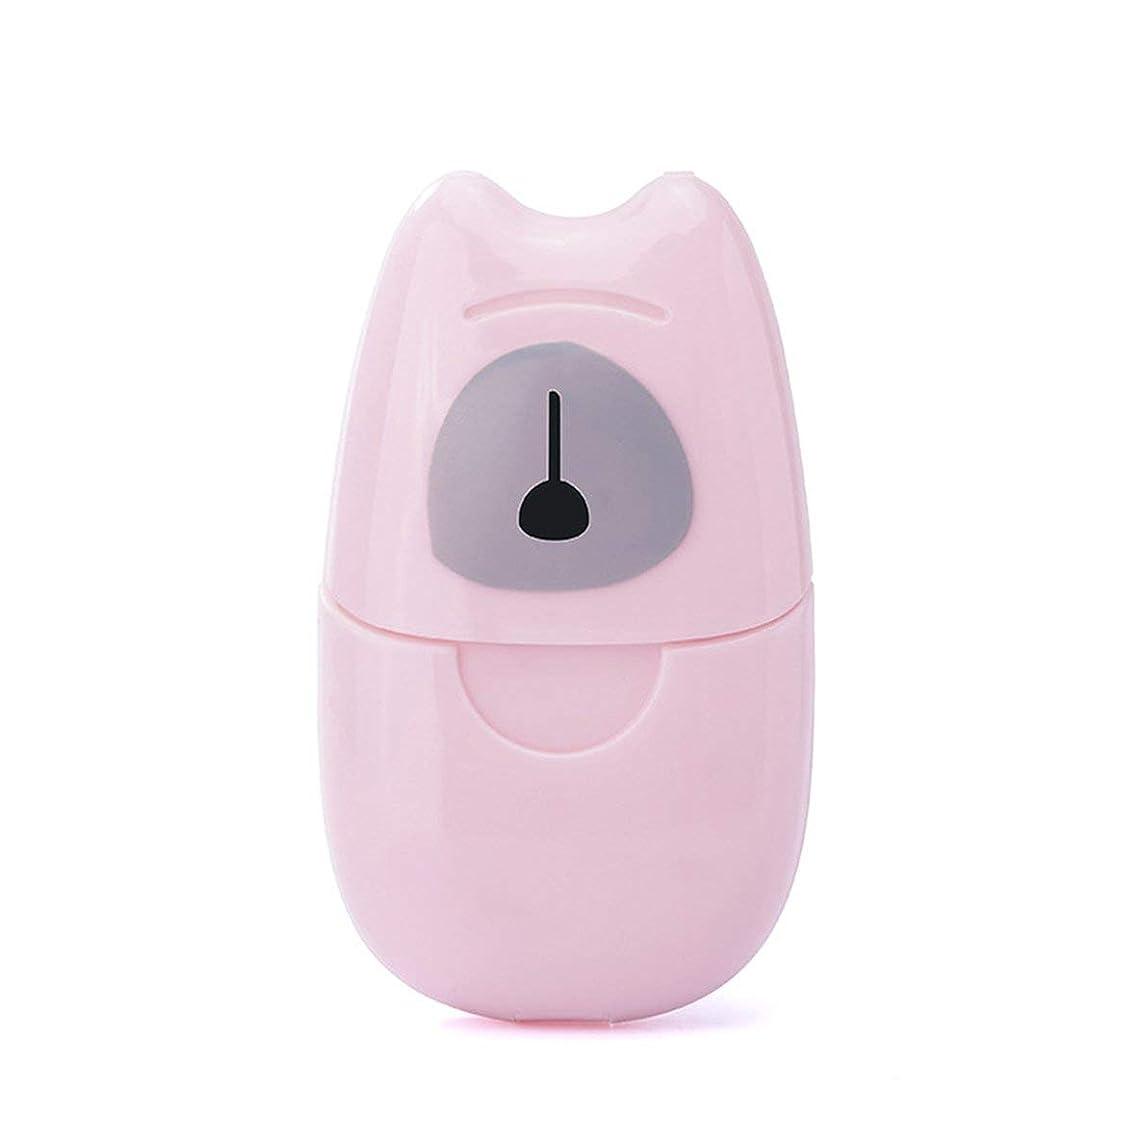 逆にカストディアンプレート箱入り石鹸紙旅行ポータブル屋外手洗い石鹸香りスライスシート50ピースミニ石鹸紙でプラスチックボックス - ピンク